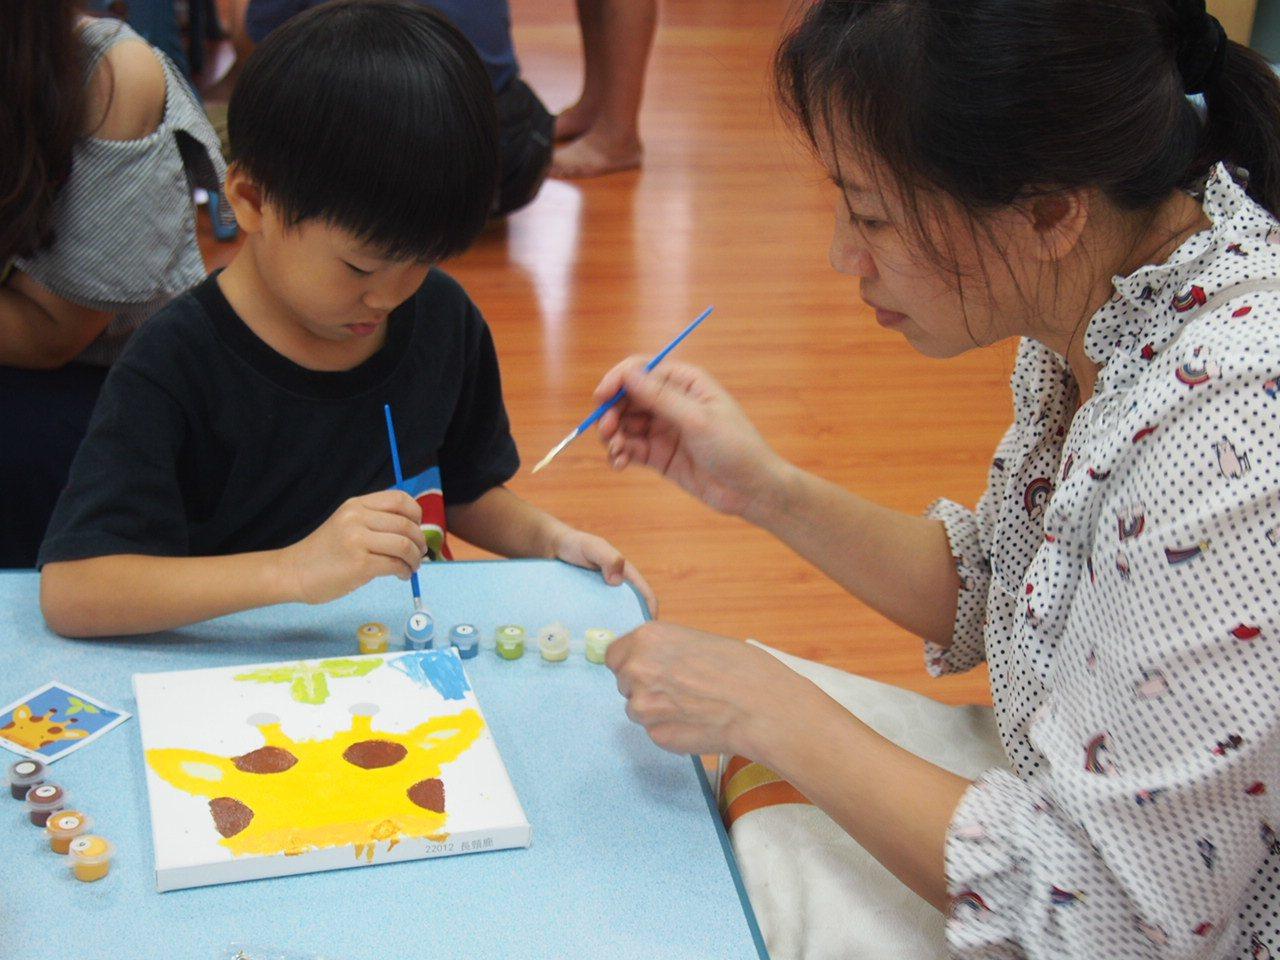 為降低孩童開學不安,慈文國小安排幼兒園的孩童,和家長一起用襪子製成娃娃及畫圖,將...